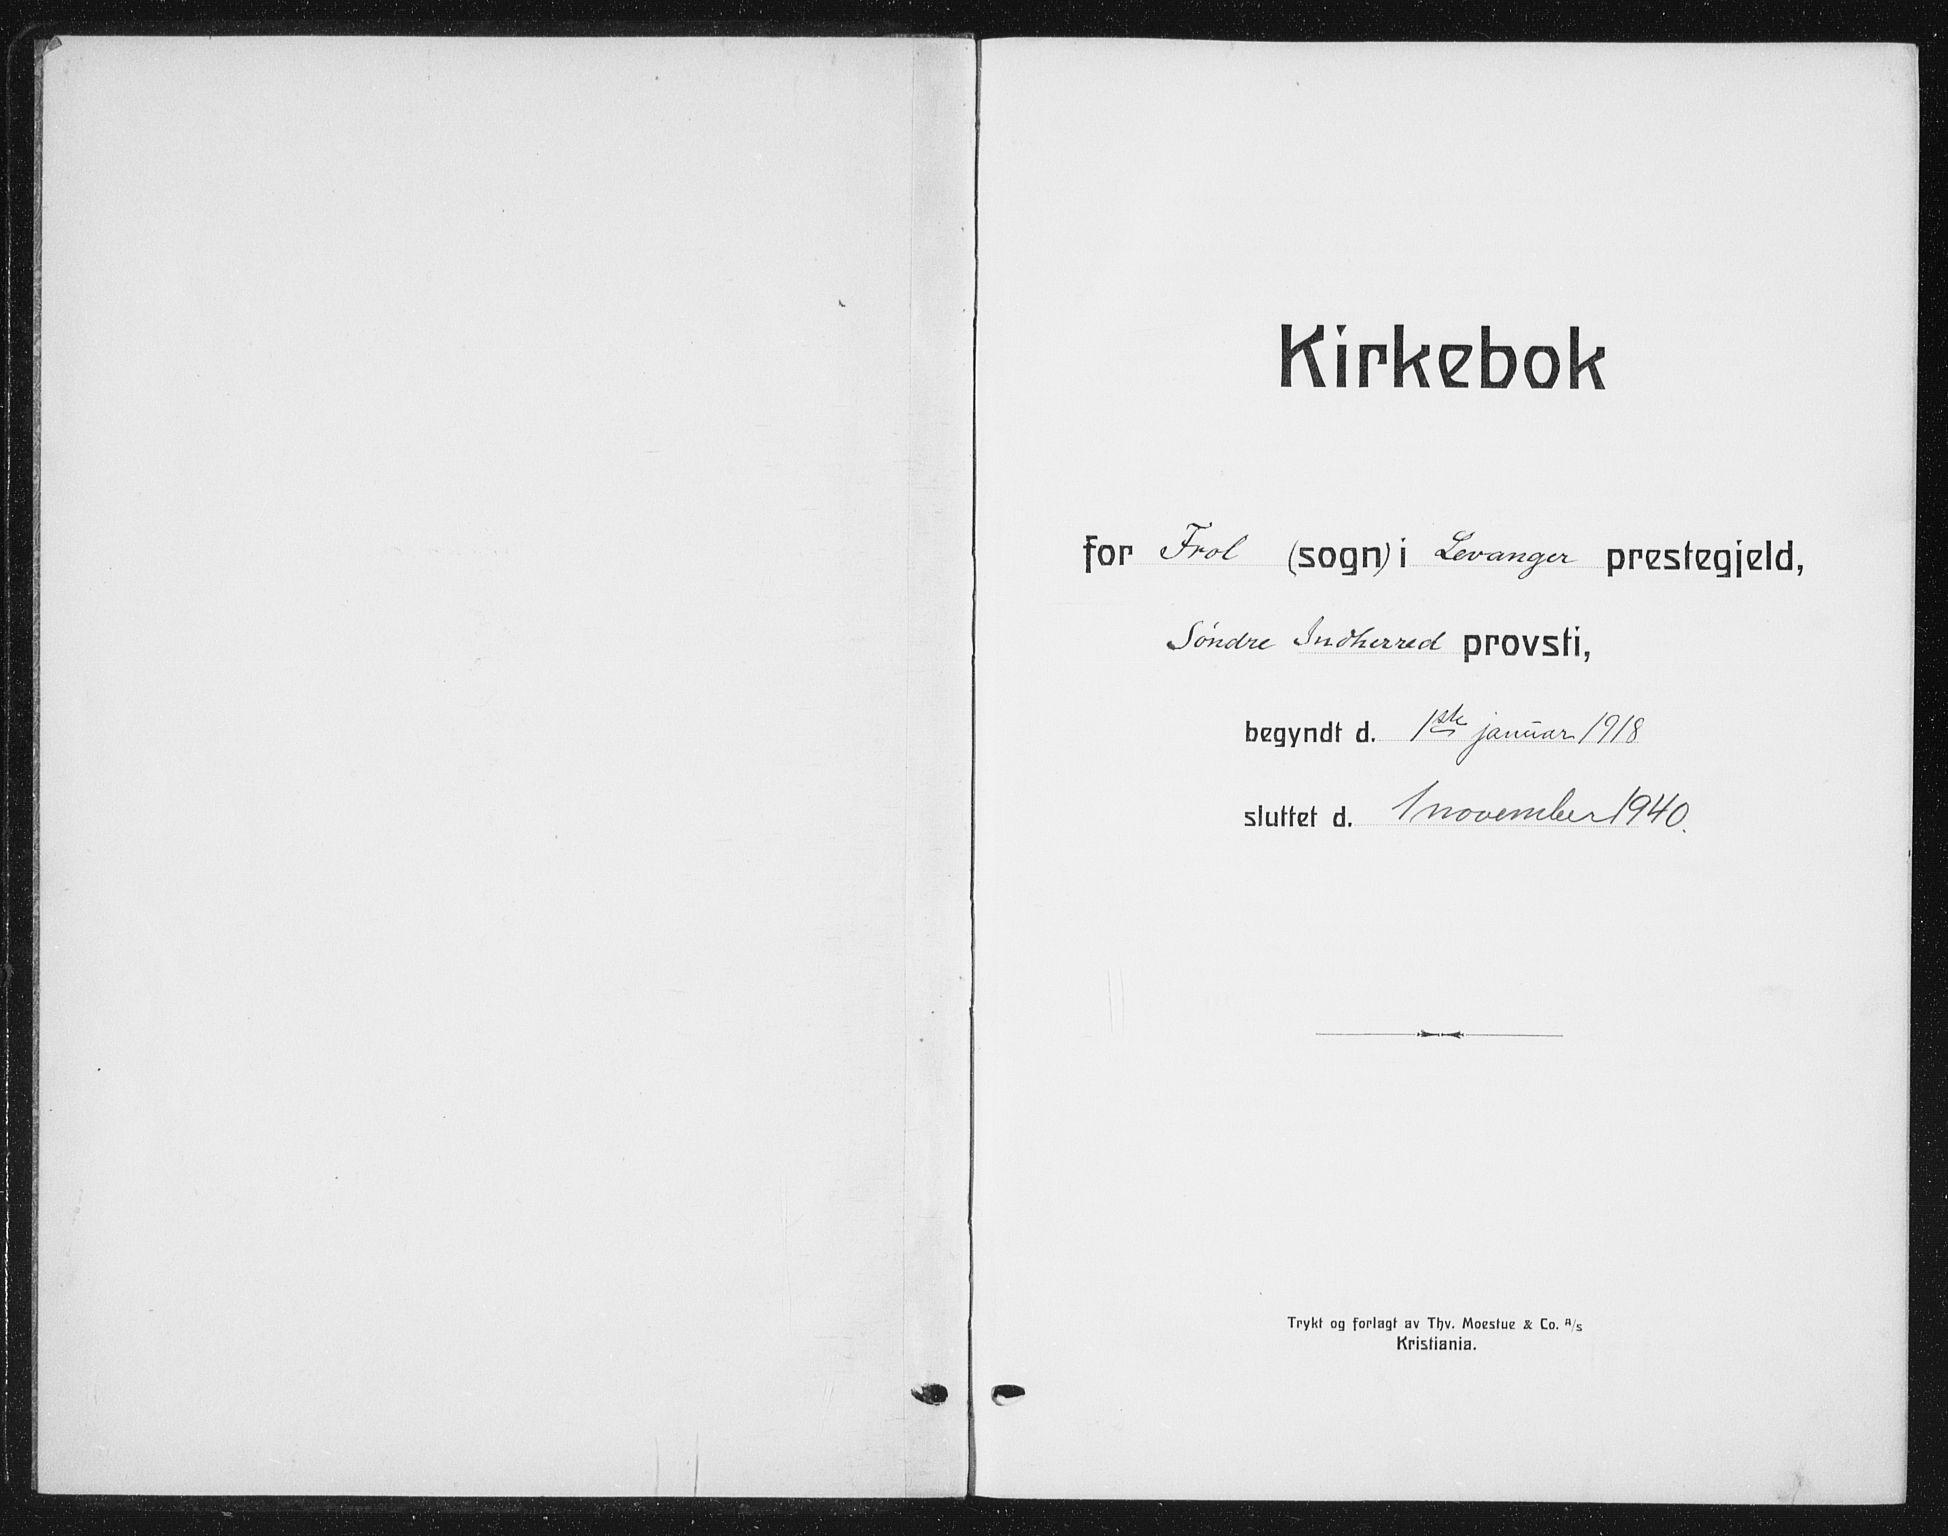 SAT, Ministerialprotokoller, klokkerbøker og fødselsregistre - Nord-Trøndelag, 721/L0209: Klokkerbok nr. 721C02, 1918-1940